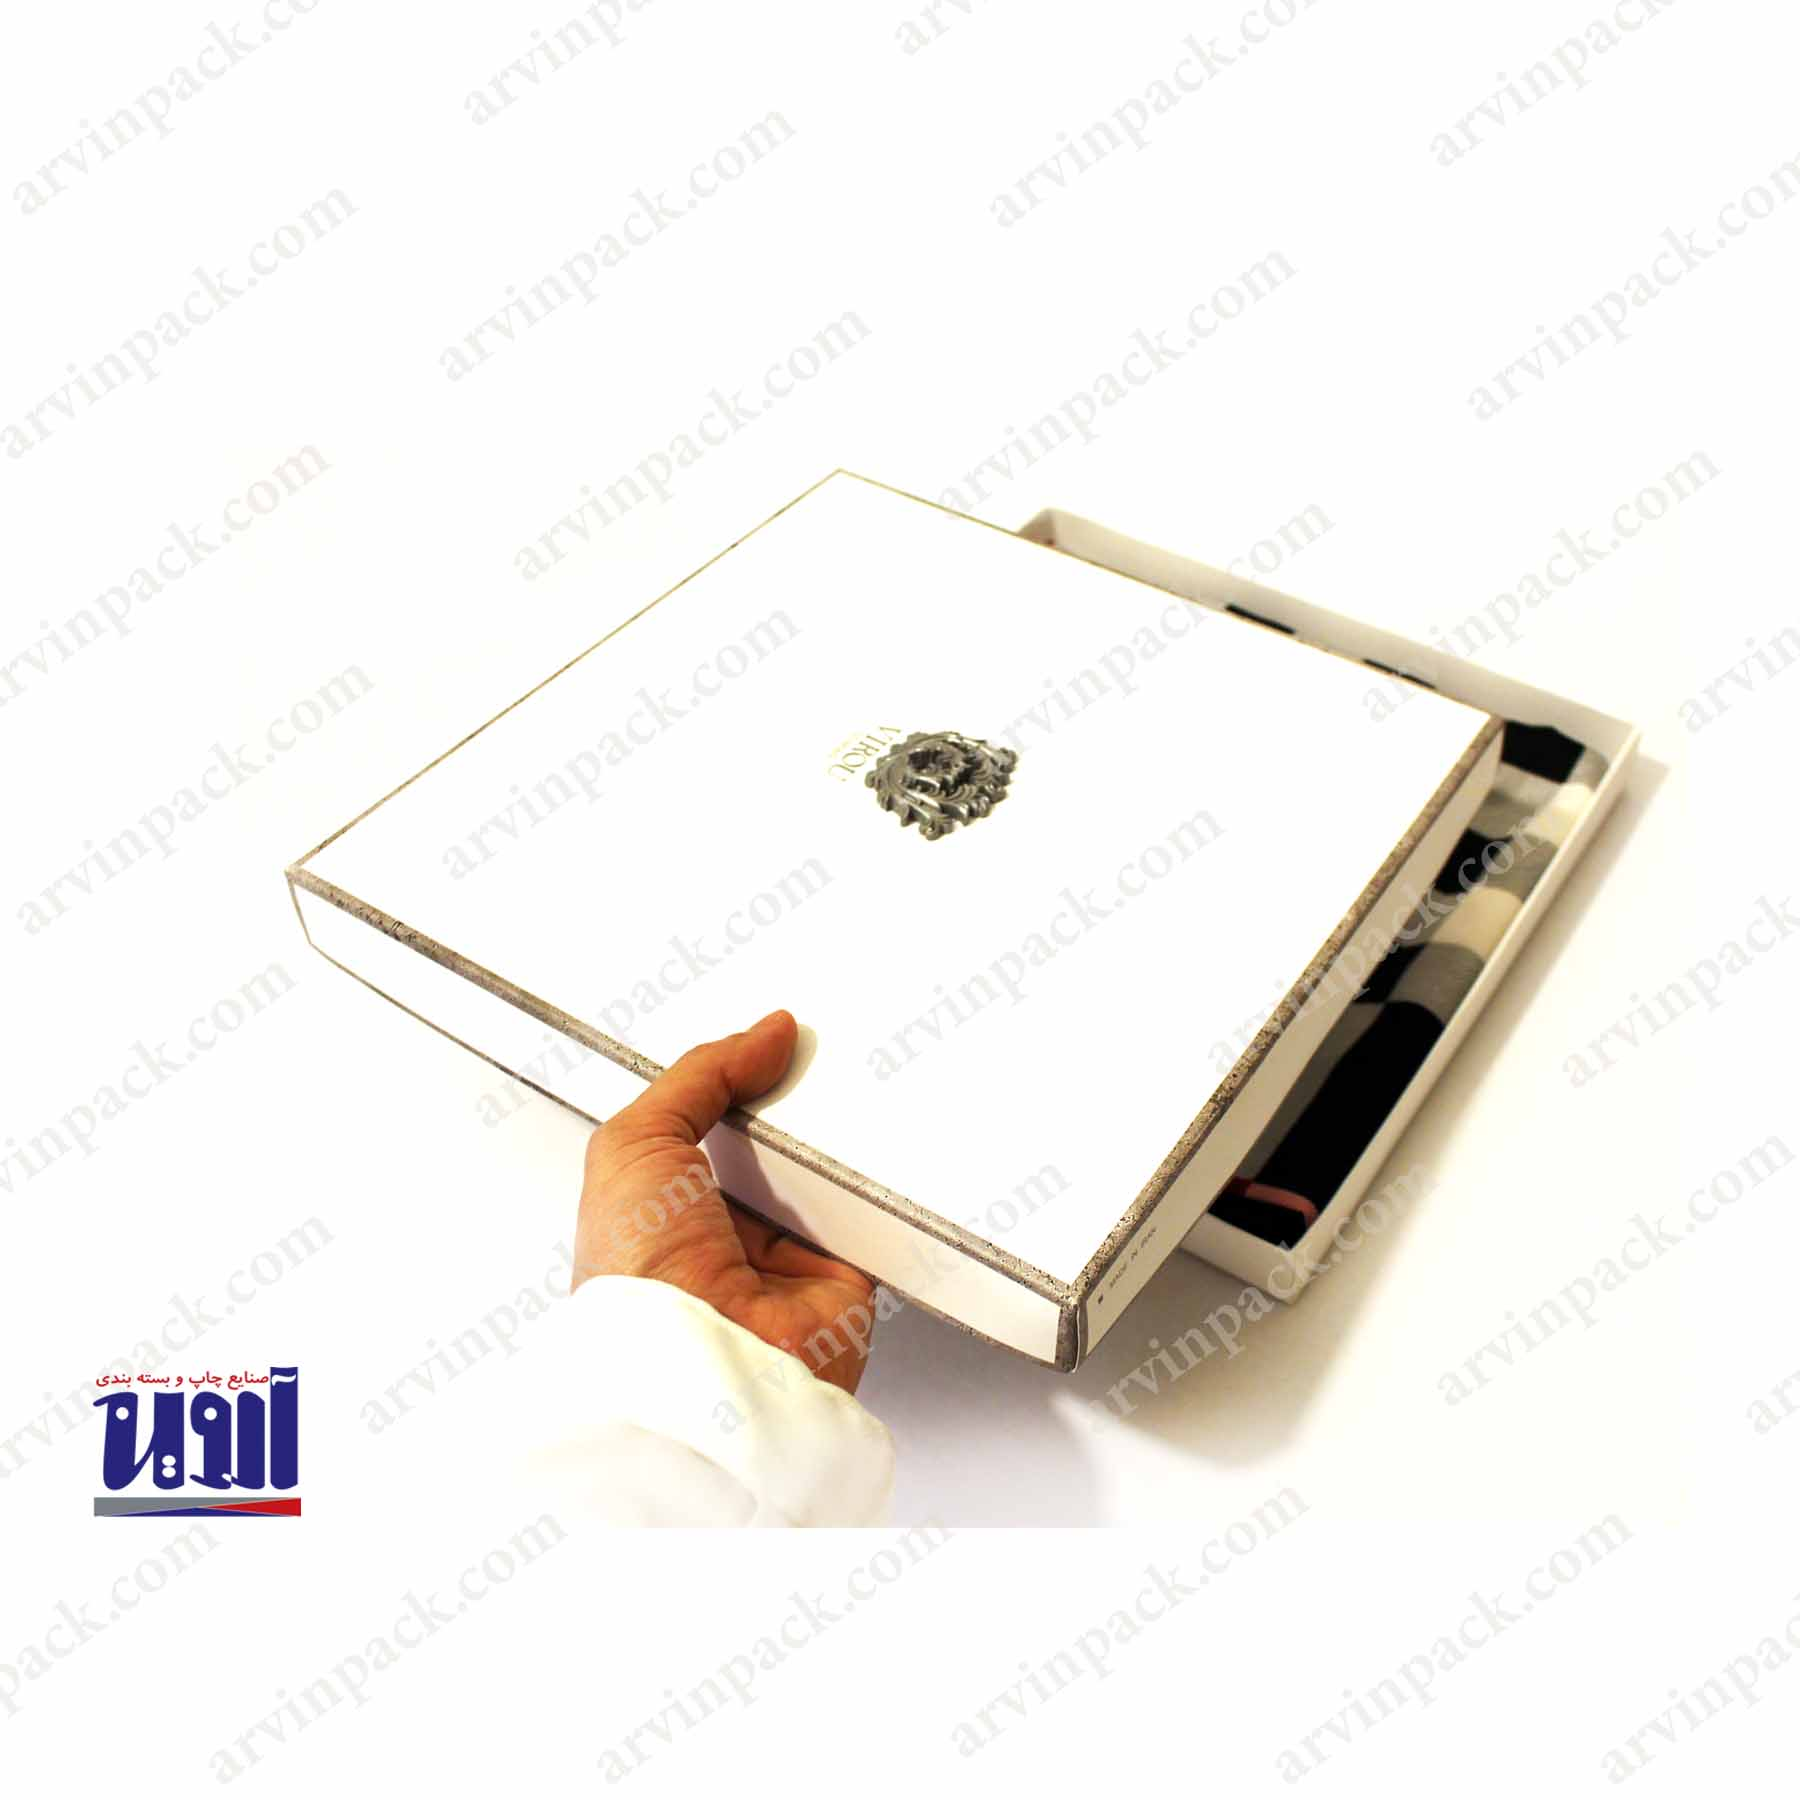 جعبه سازی ، تولید جعبه مقوایی و طراحی بسته بندی روسری ویرو